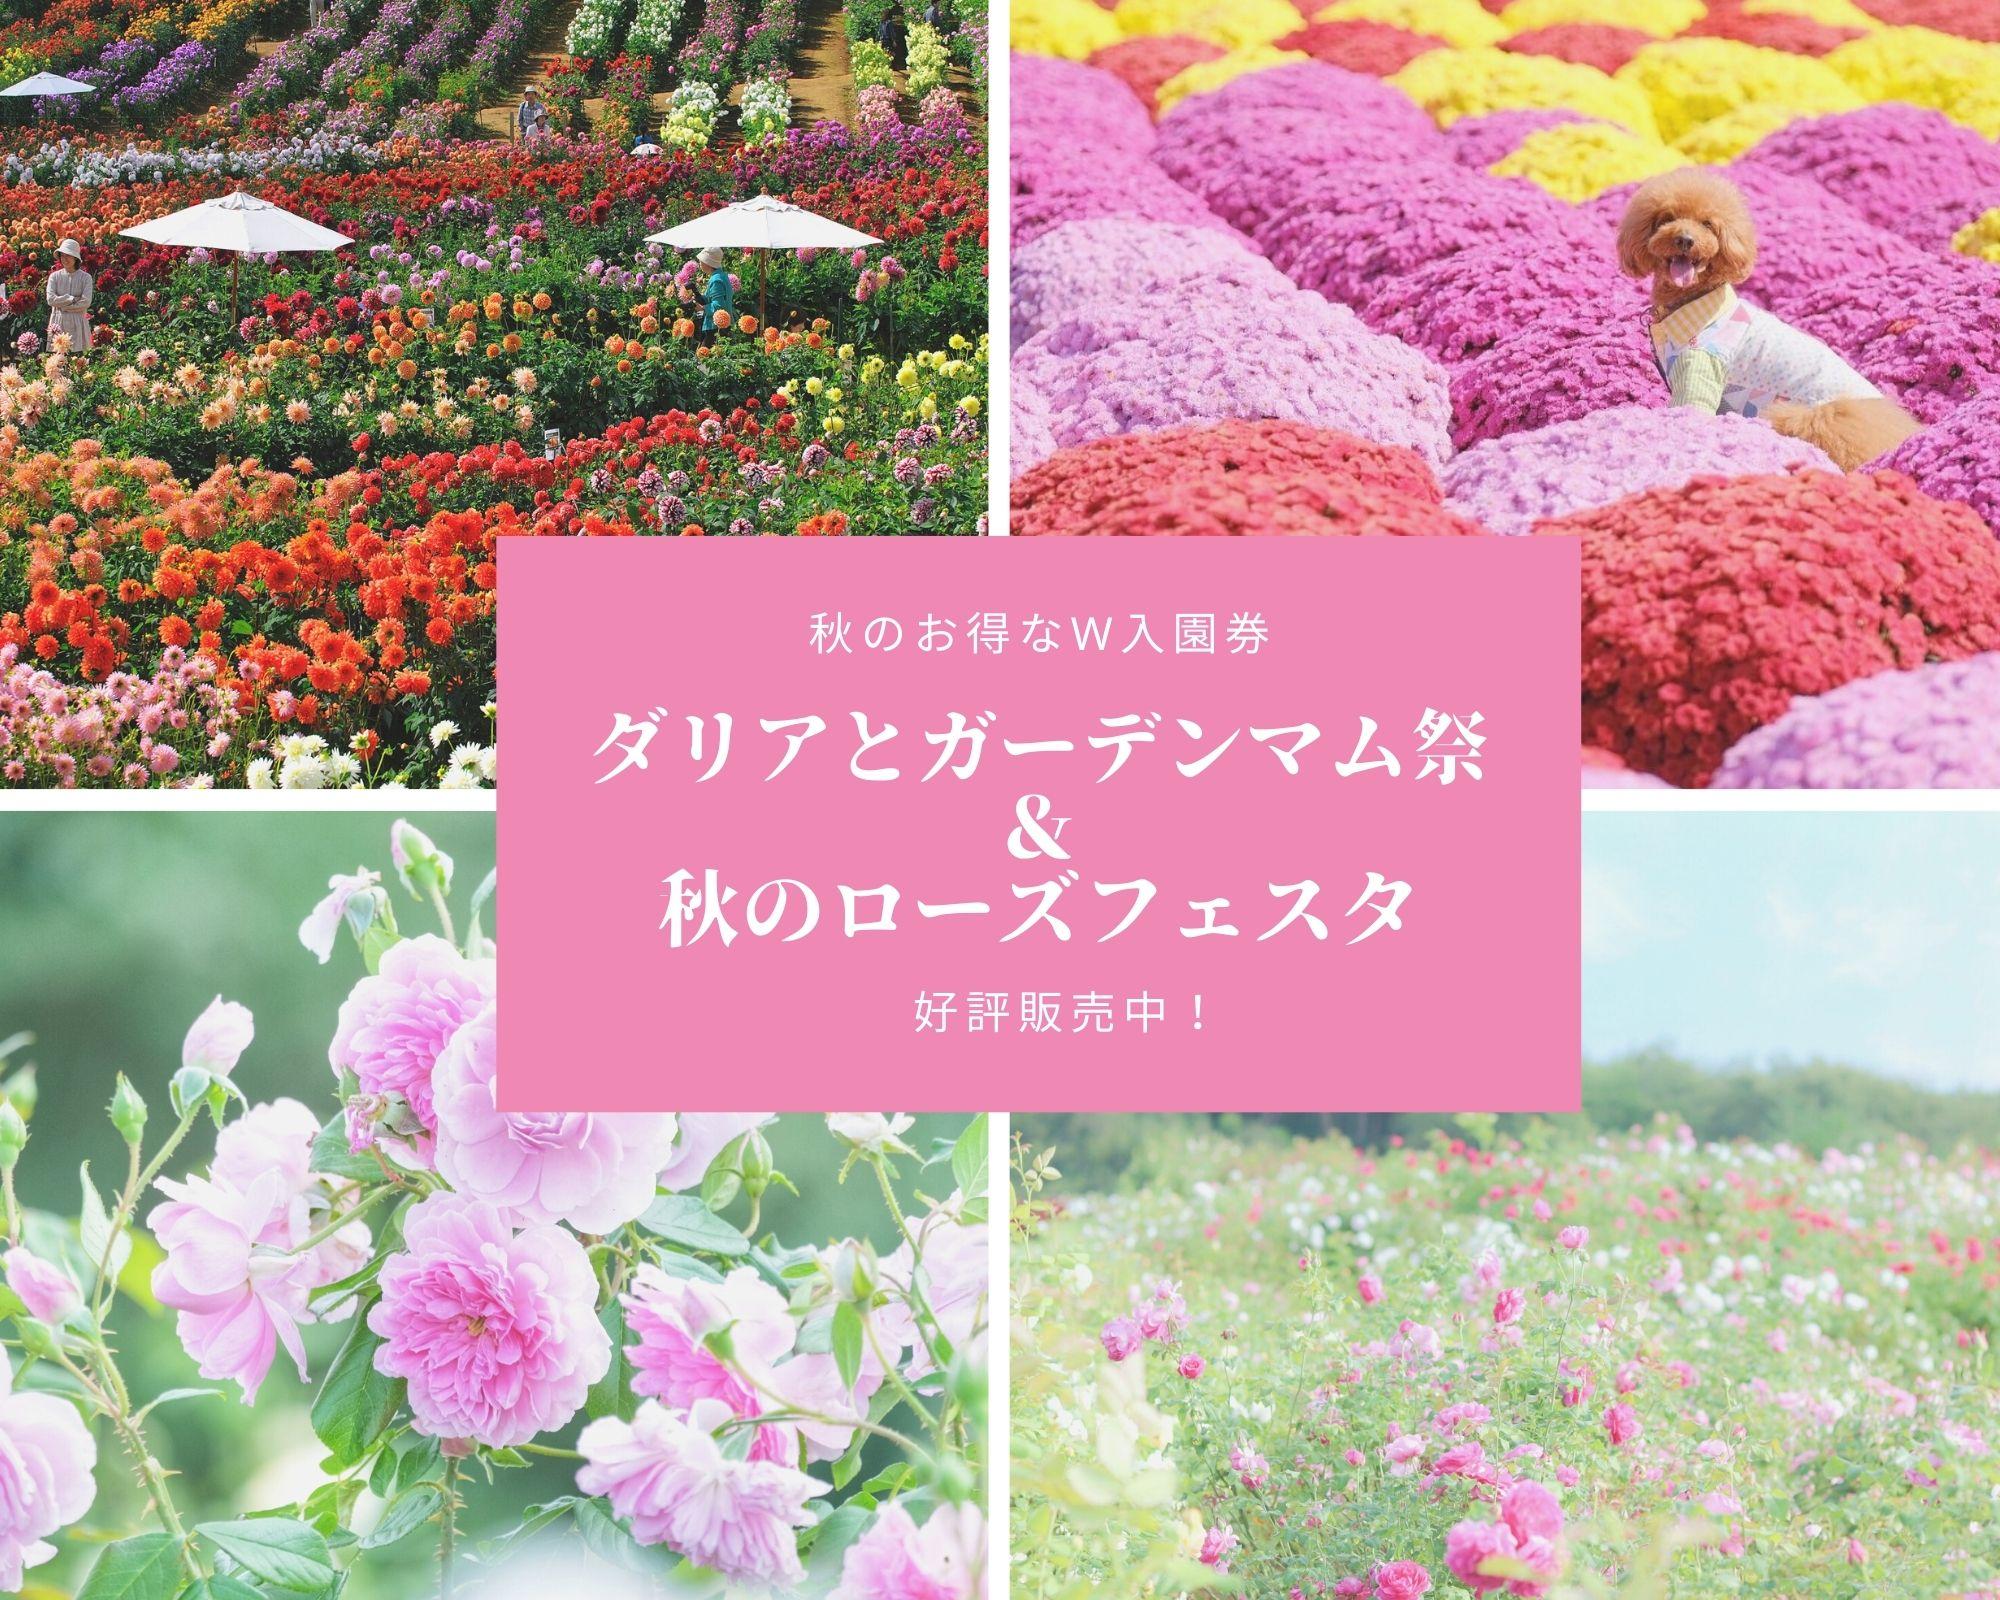 2021ダリアとガーデンマム祭&秋のローズフェスタ【秋のW入園券発売決定!】